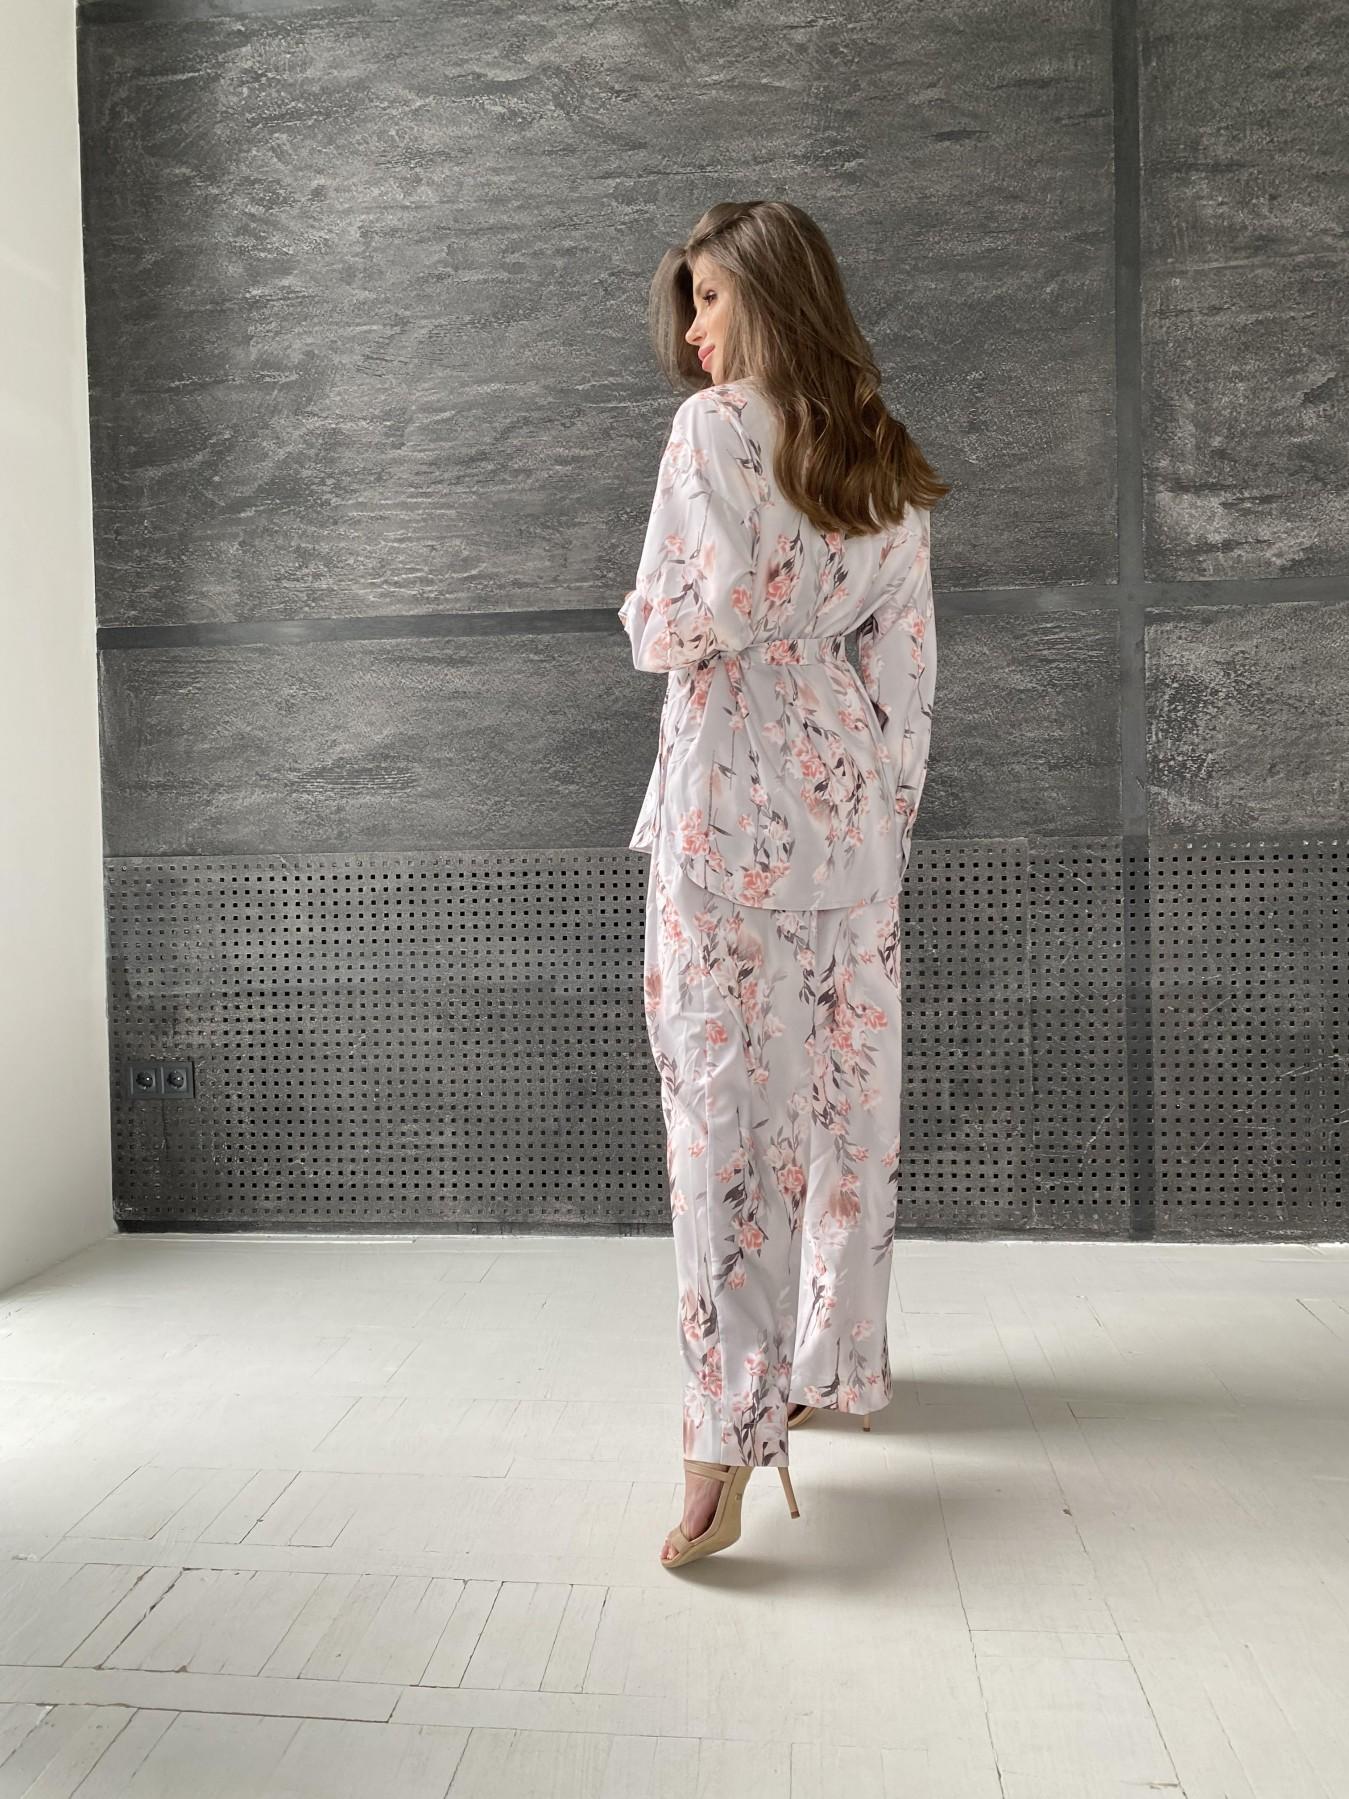 Колибри костюм софт с принтом 11244 АРТ. 48240 Цвет: Цветы на ветке серый/пудра - фото 5, интернет магазин tm-modus.ru